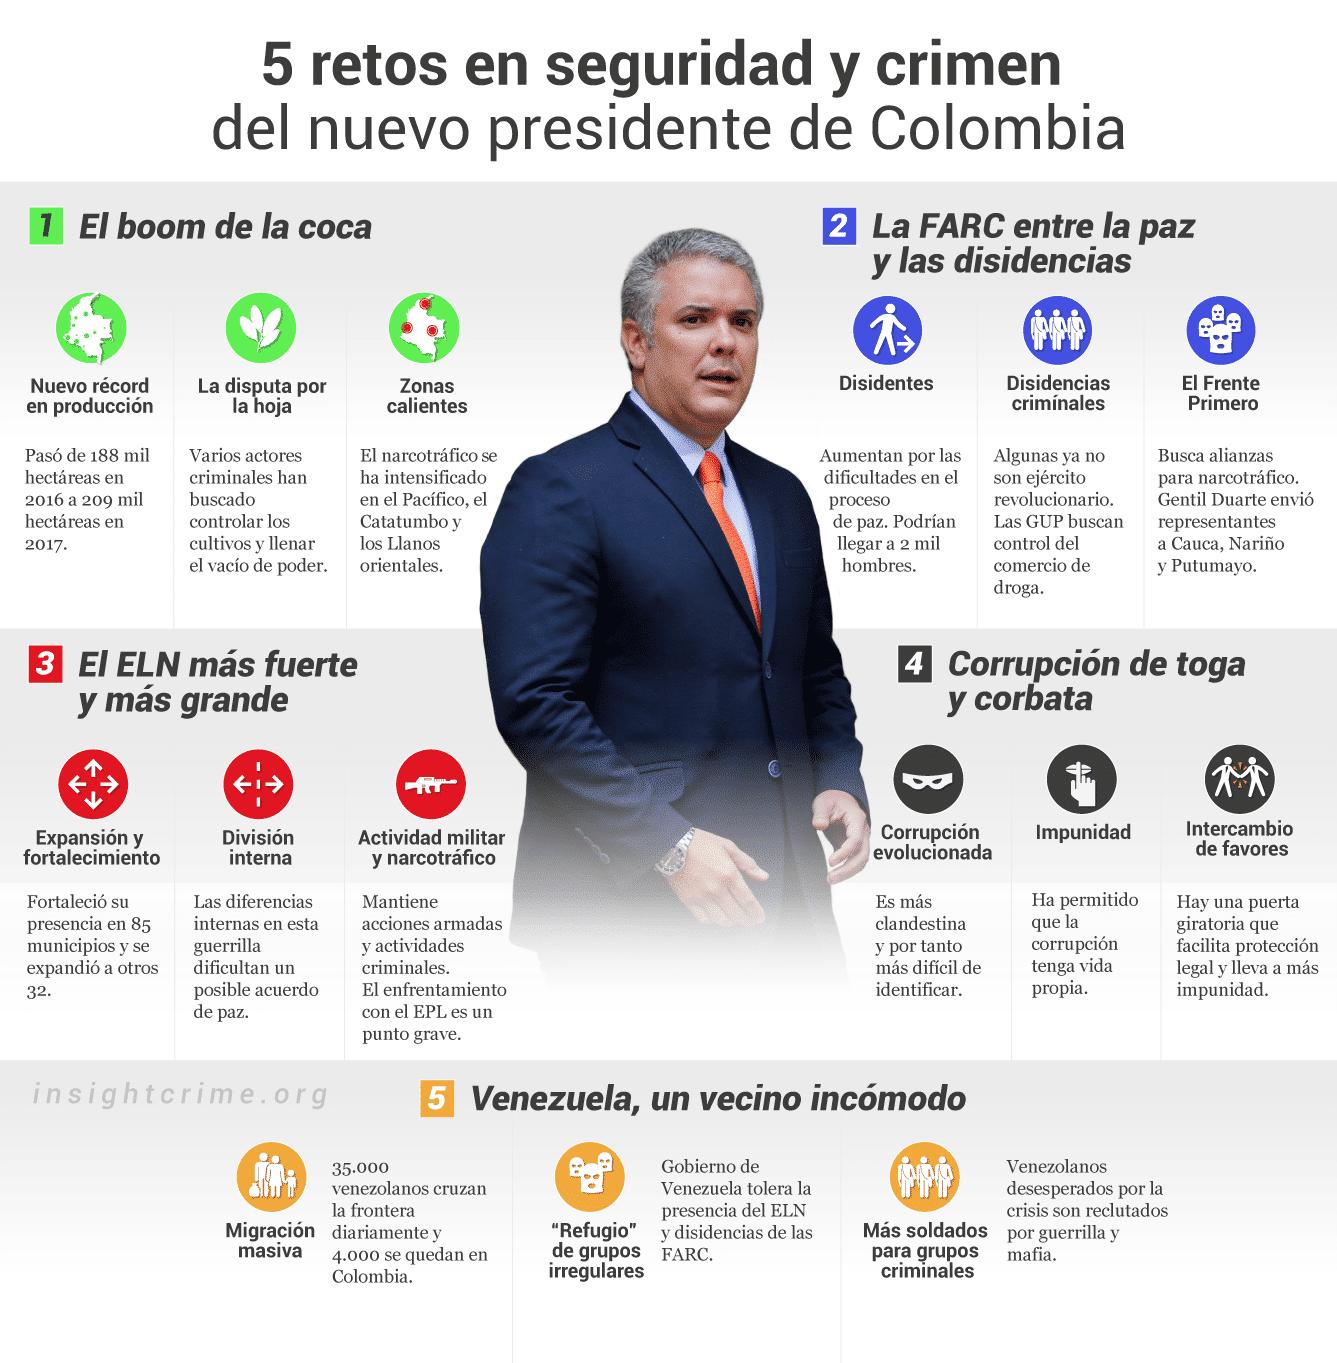 Ivan-Duque-grafico-5-Retos-en-seguridad-y-crimen-del-nuevo-presidente-de-colombia